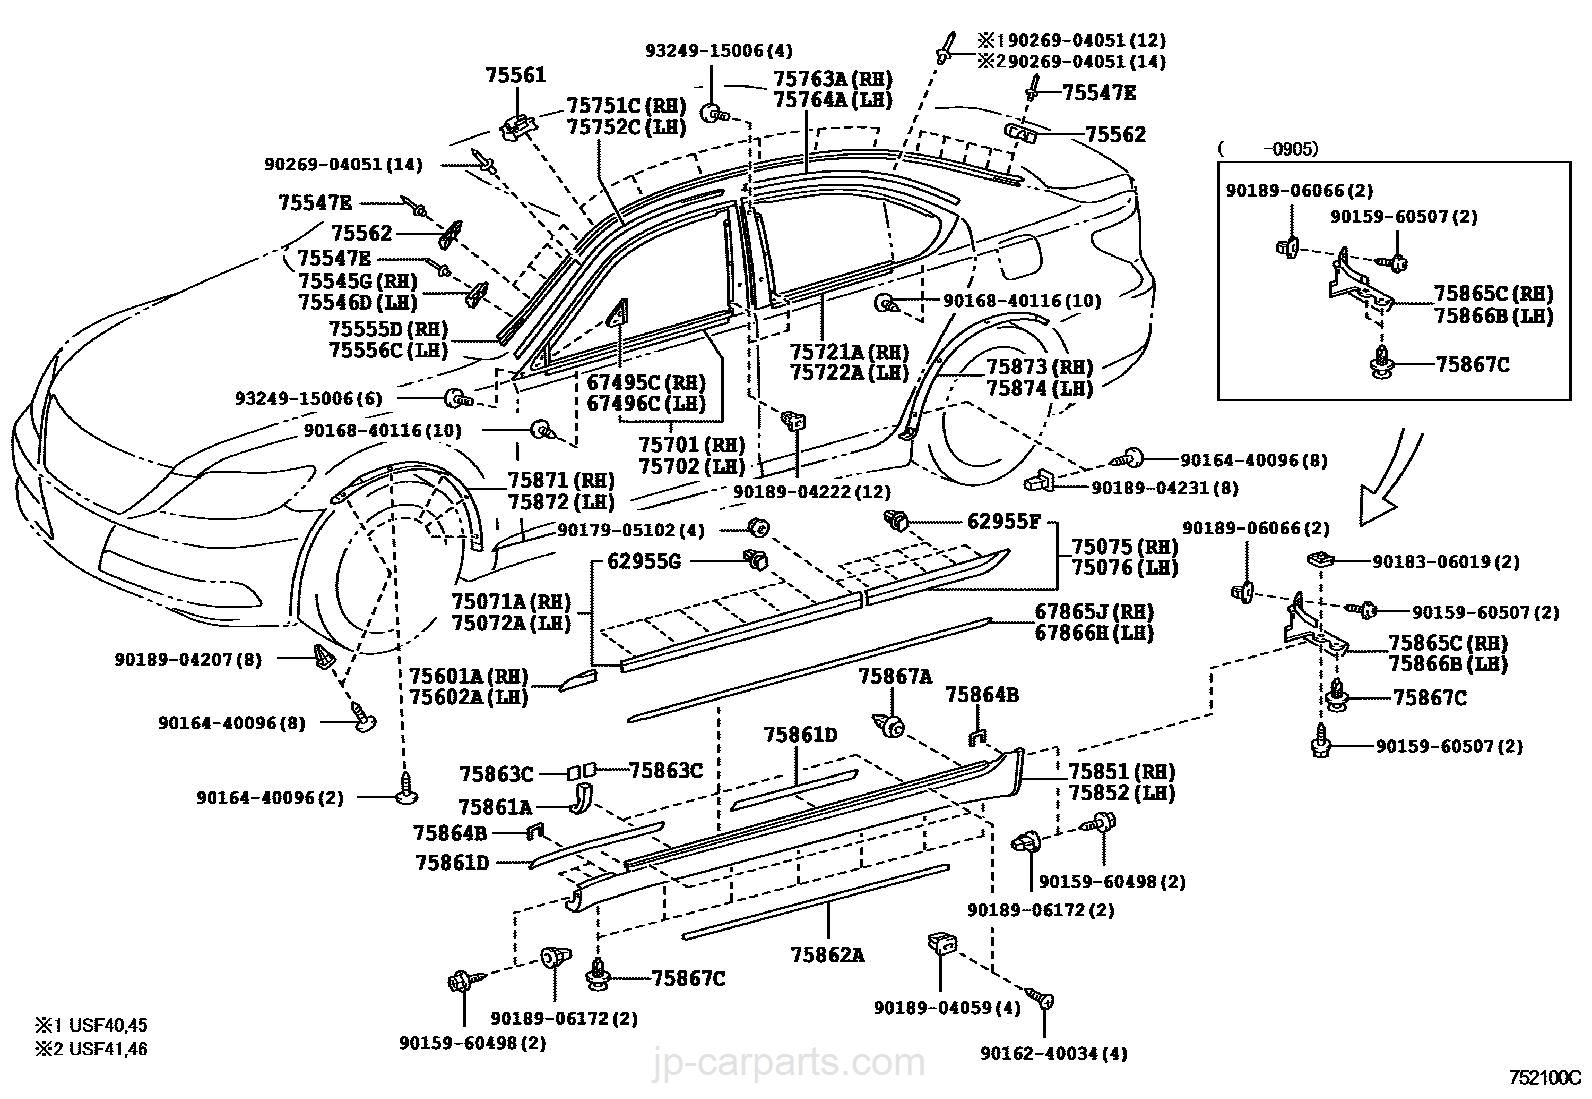 2005 chevy malibu fuse diagram car tuning